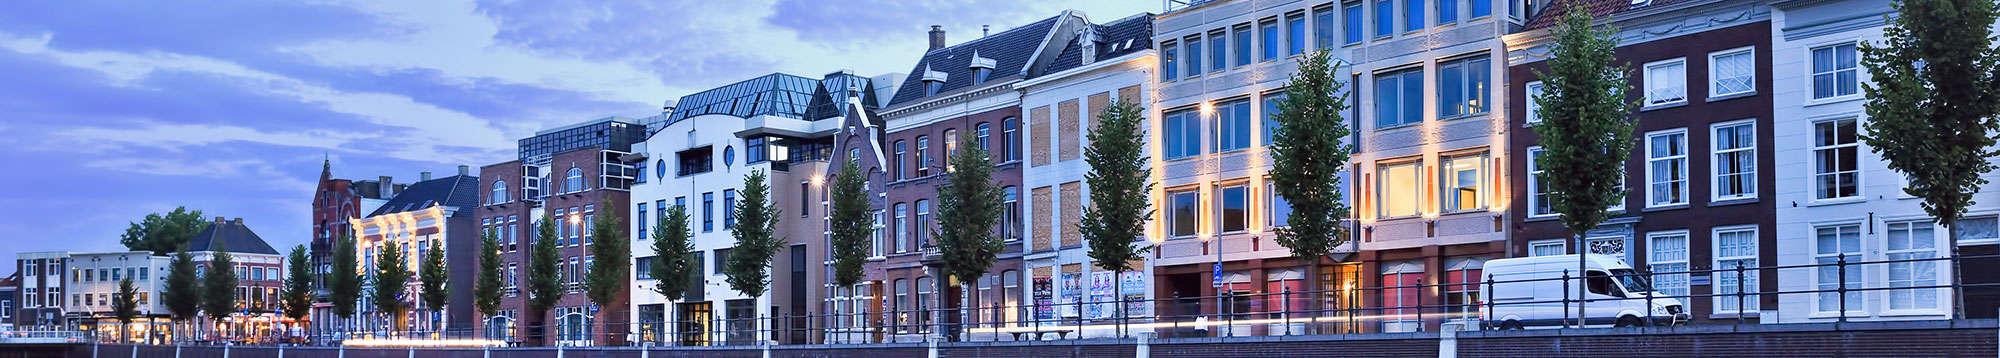 Week-end et séjour Tilburg